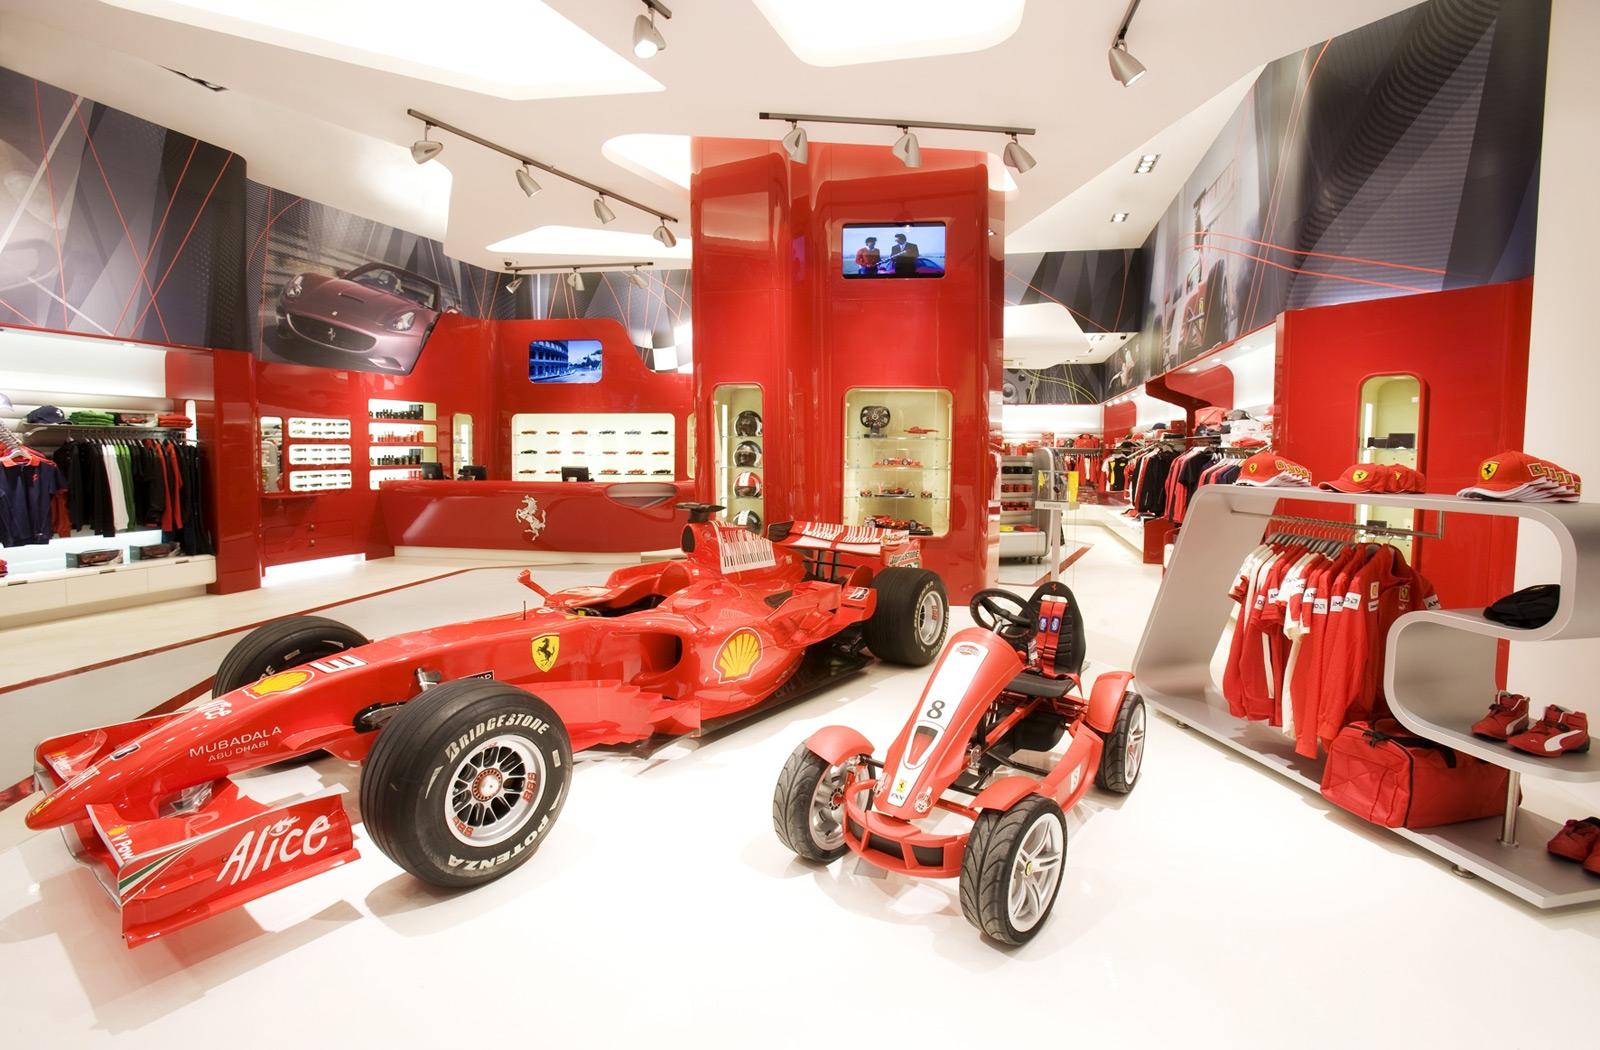 94a06fb54c1282 Ferrari Store Official Ferrari Merchandise Online Shopping ...